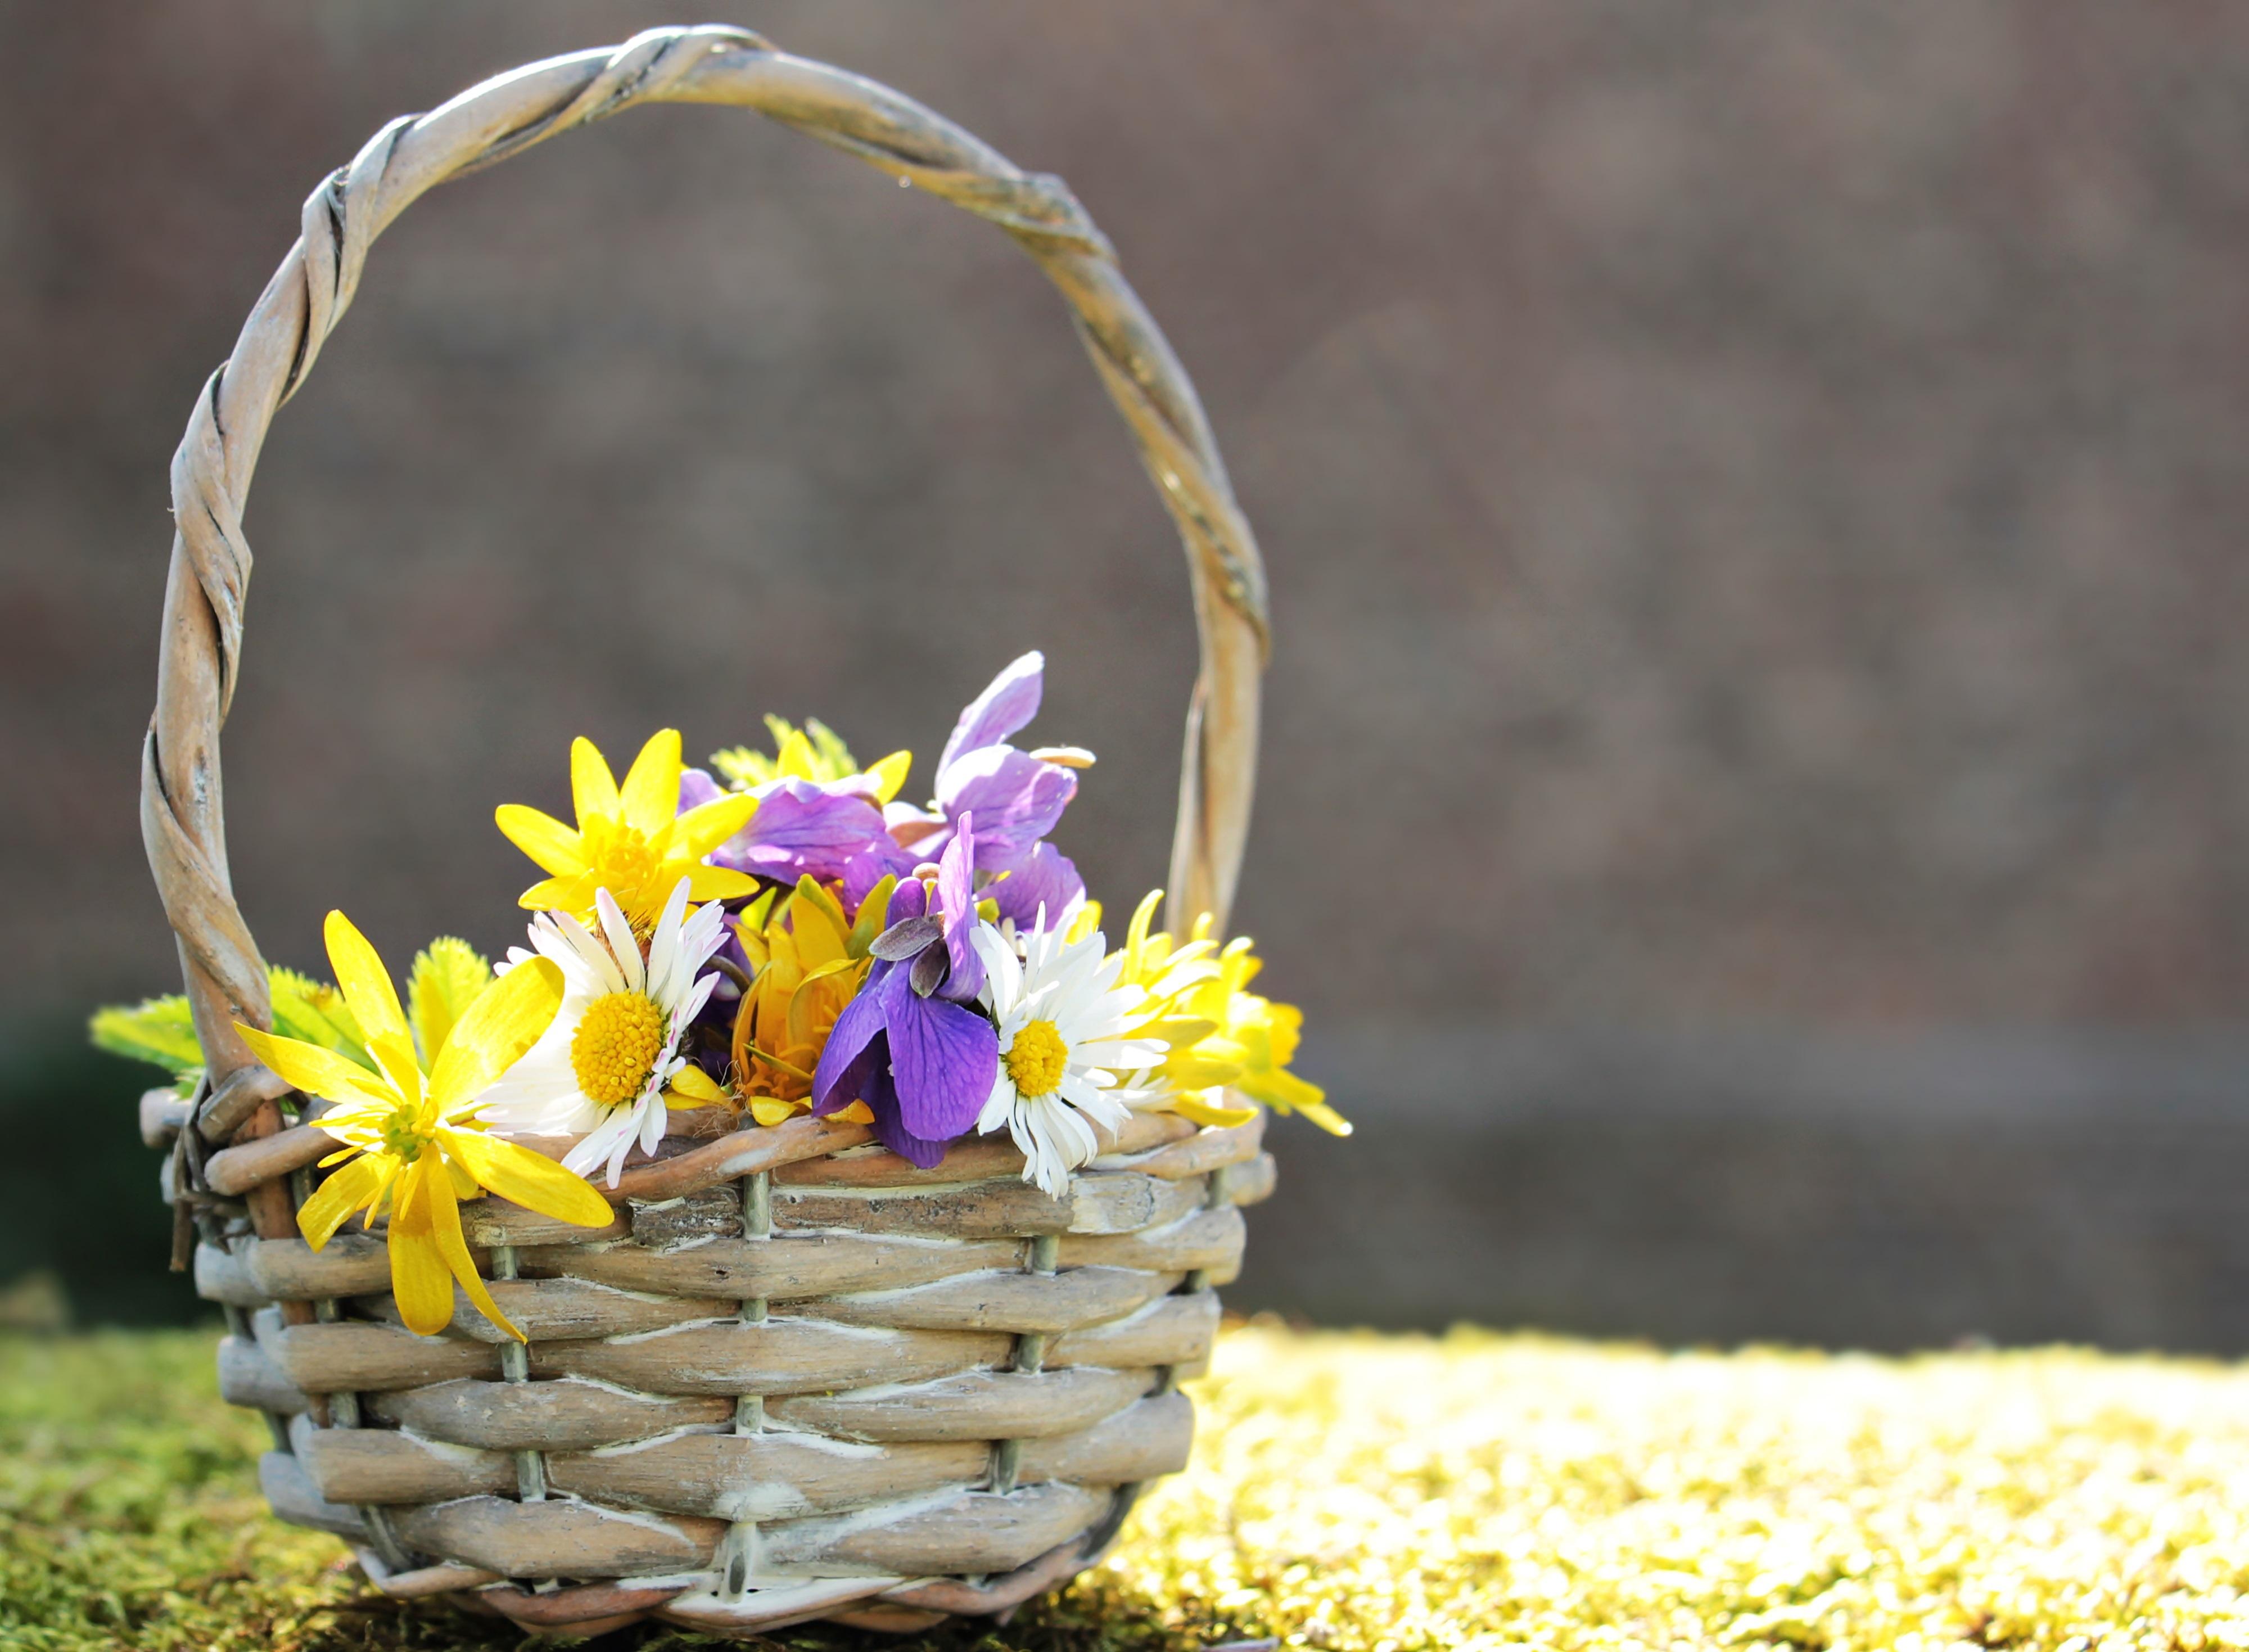 Цветы осень для поздравления фото 378